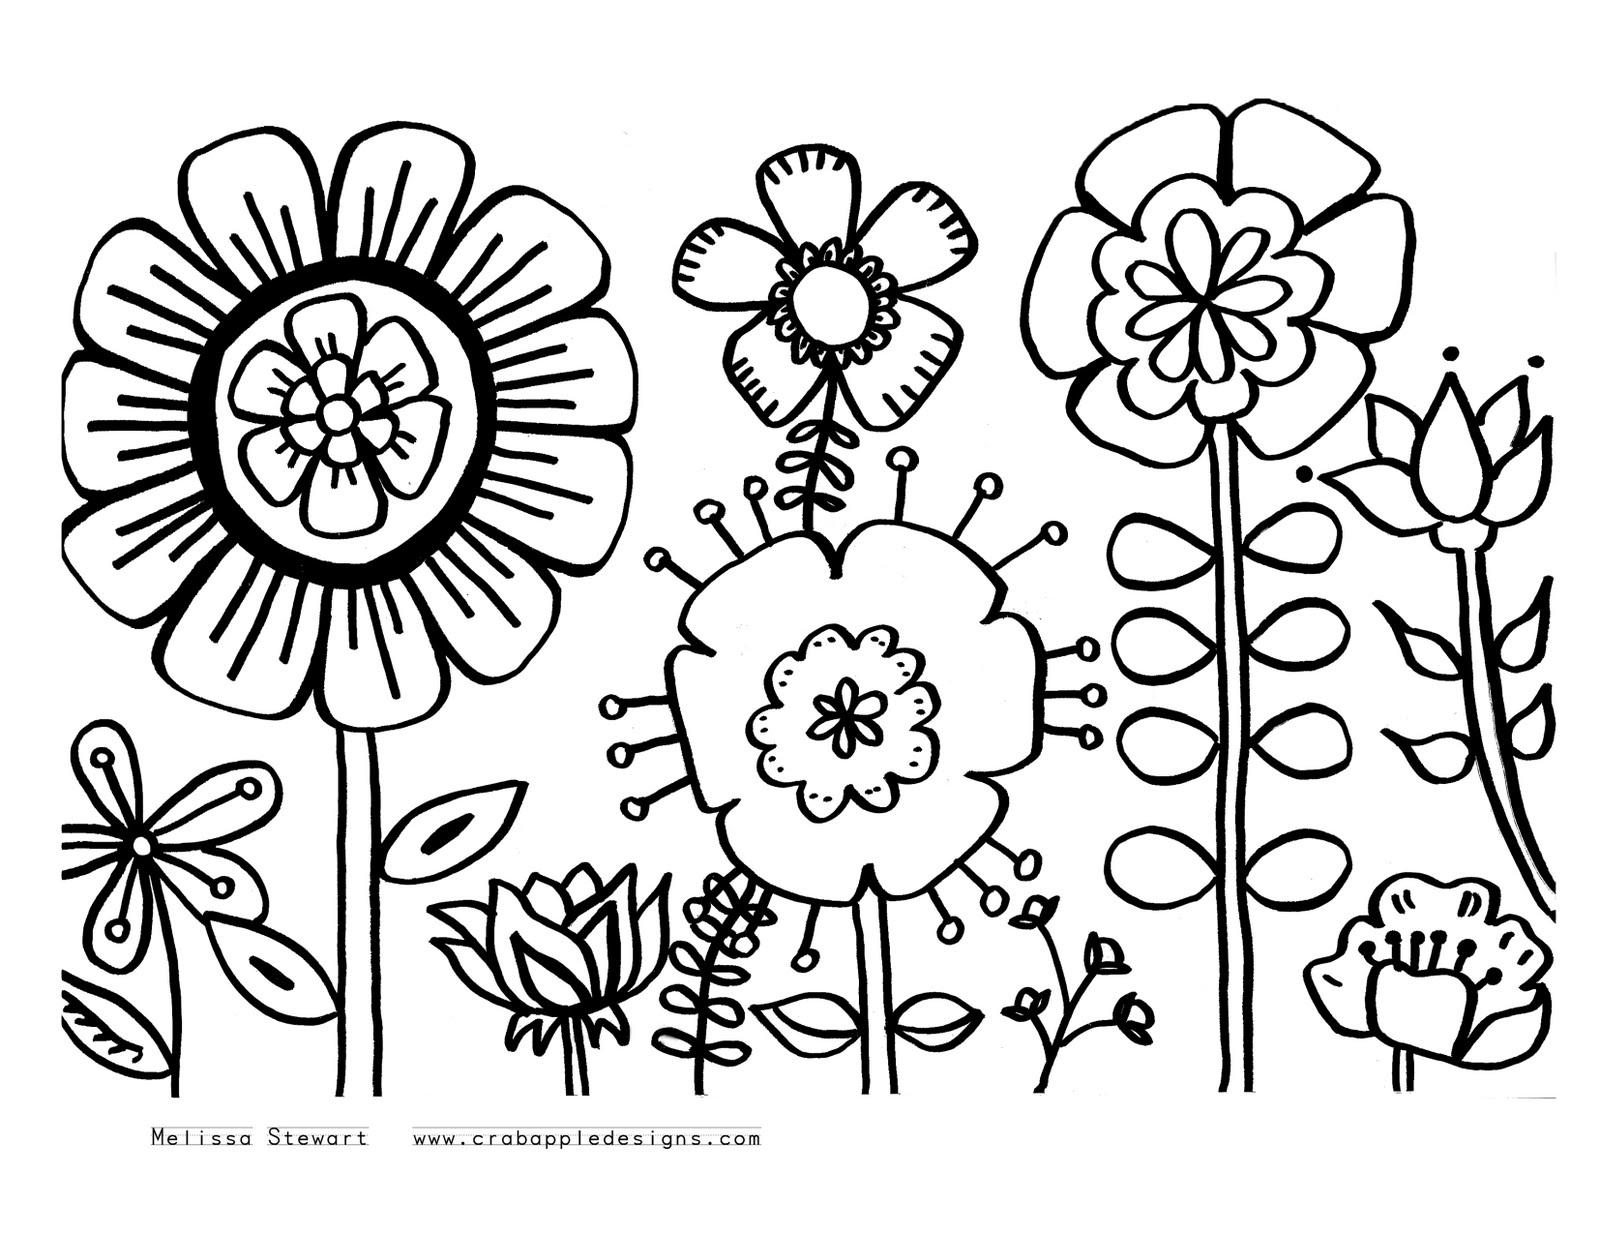 Drawings Of Spring Flowers | Free download best Drawings Of Spring ...